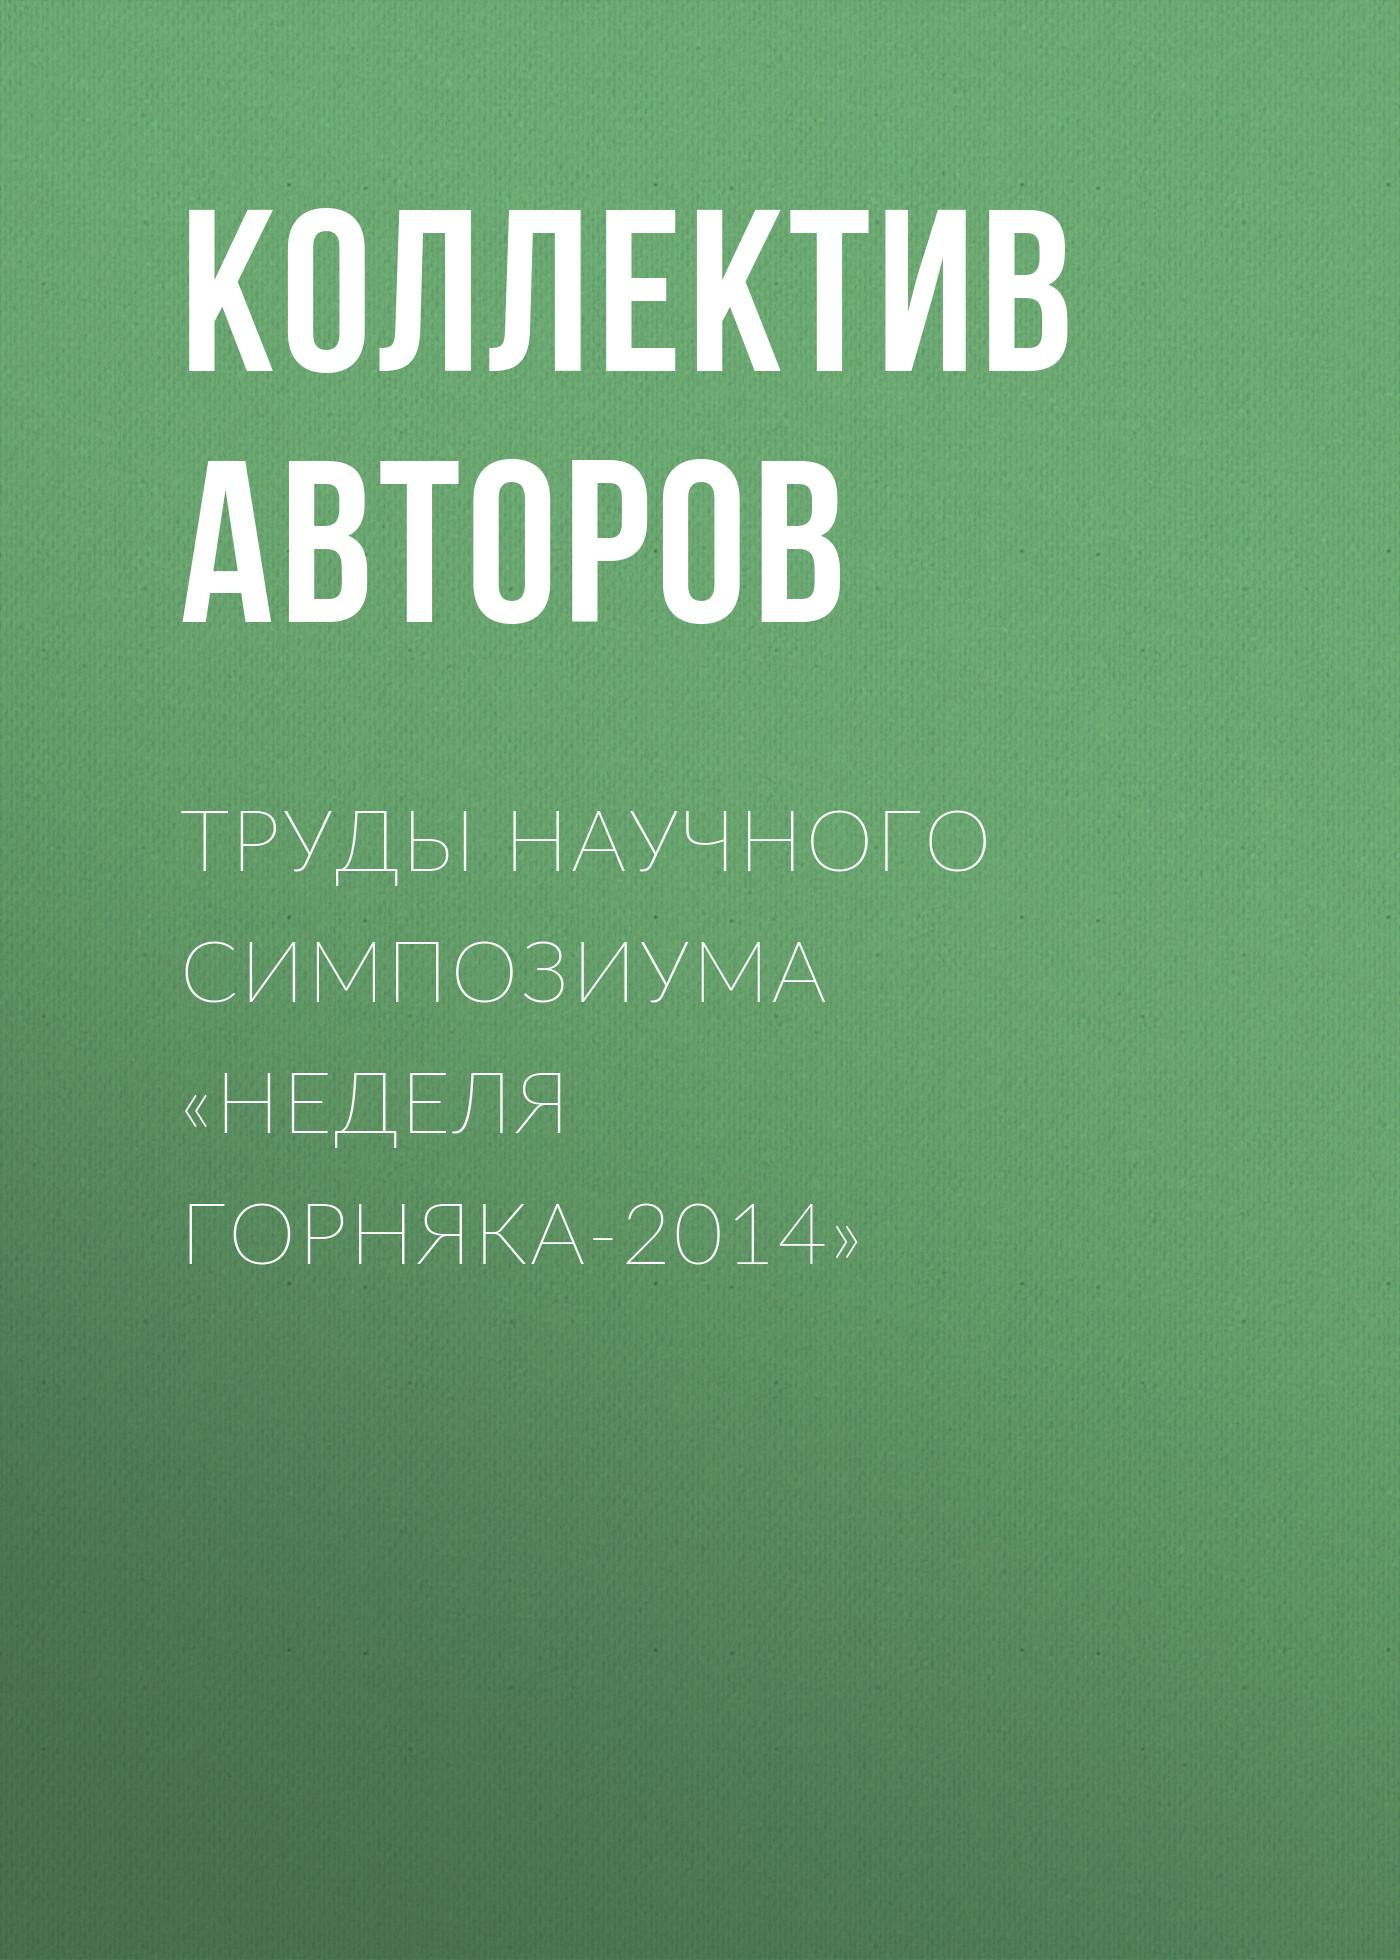 Коллектив авторов Труды научного симпозиума «Неделя горняка-2014»